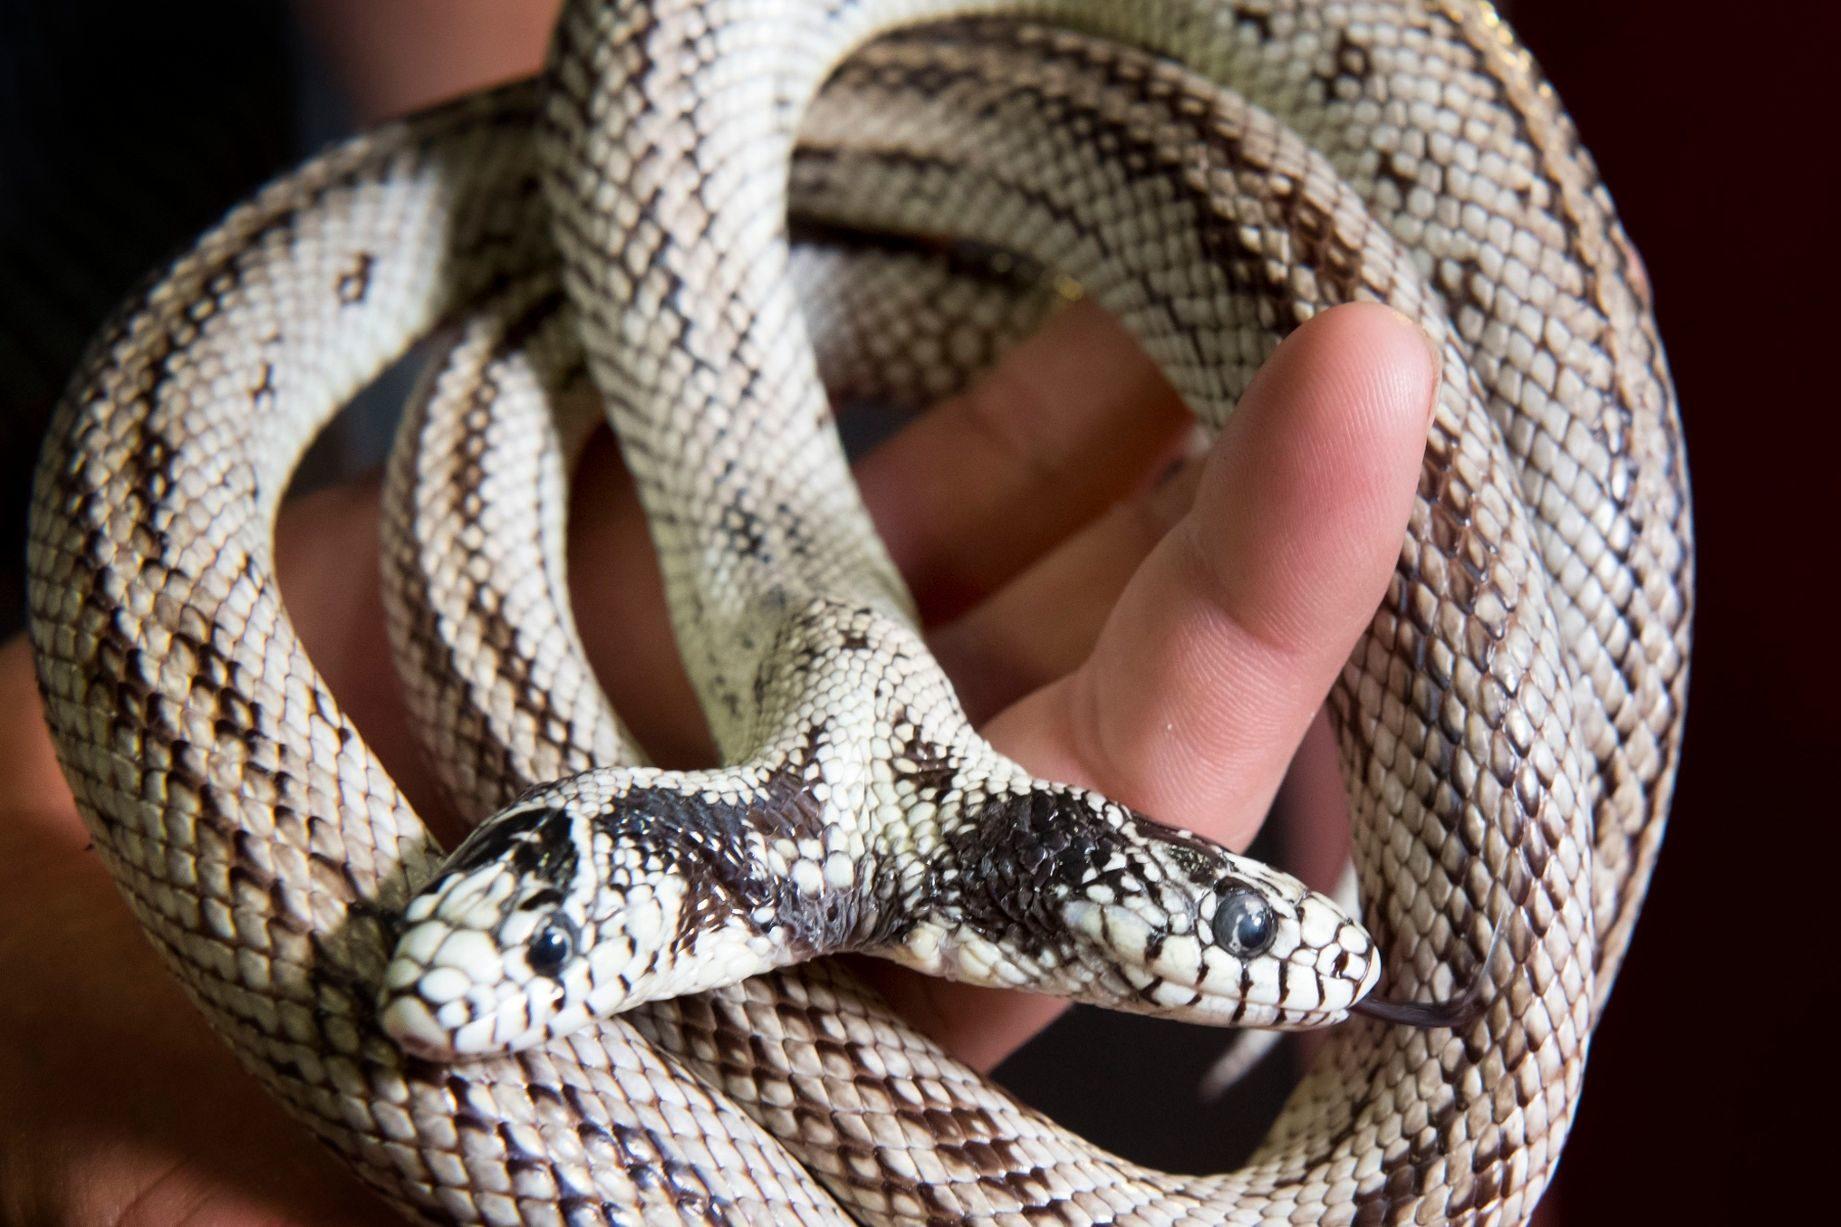 10個世界上最詭異的「基因突變動物」 雙頭蛇根本就像傳說裡的神獸!